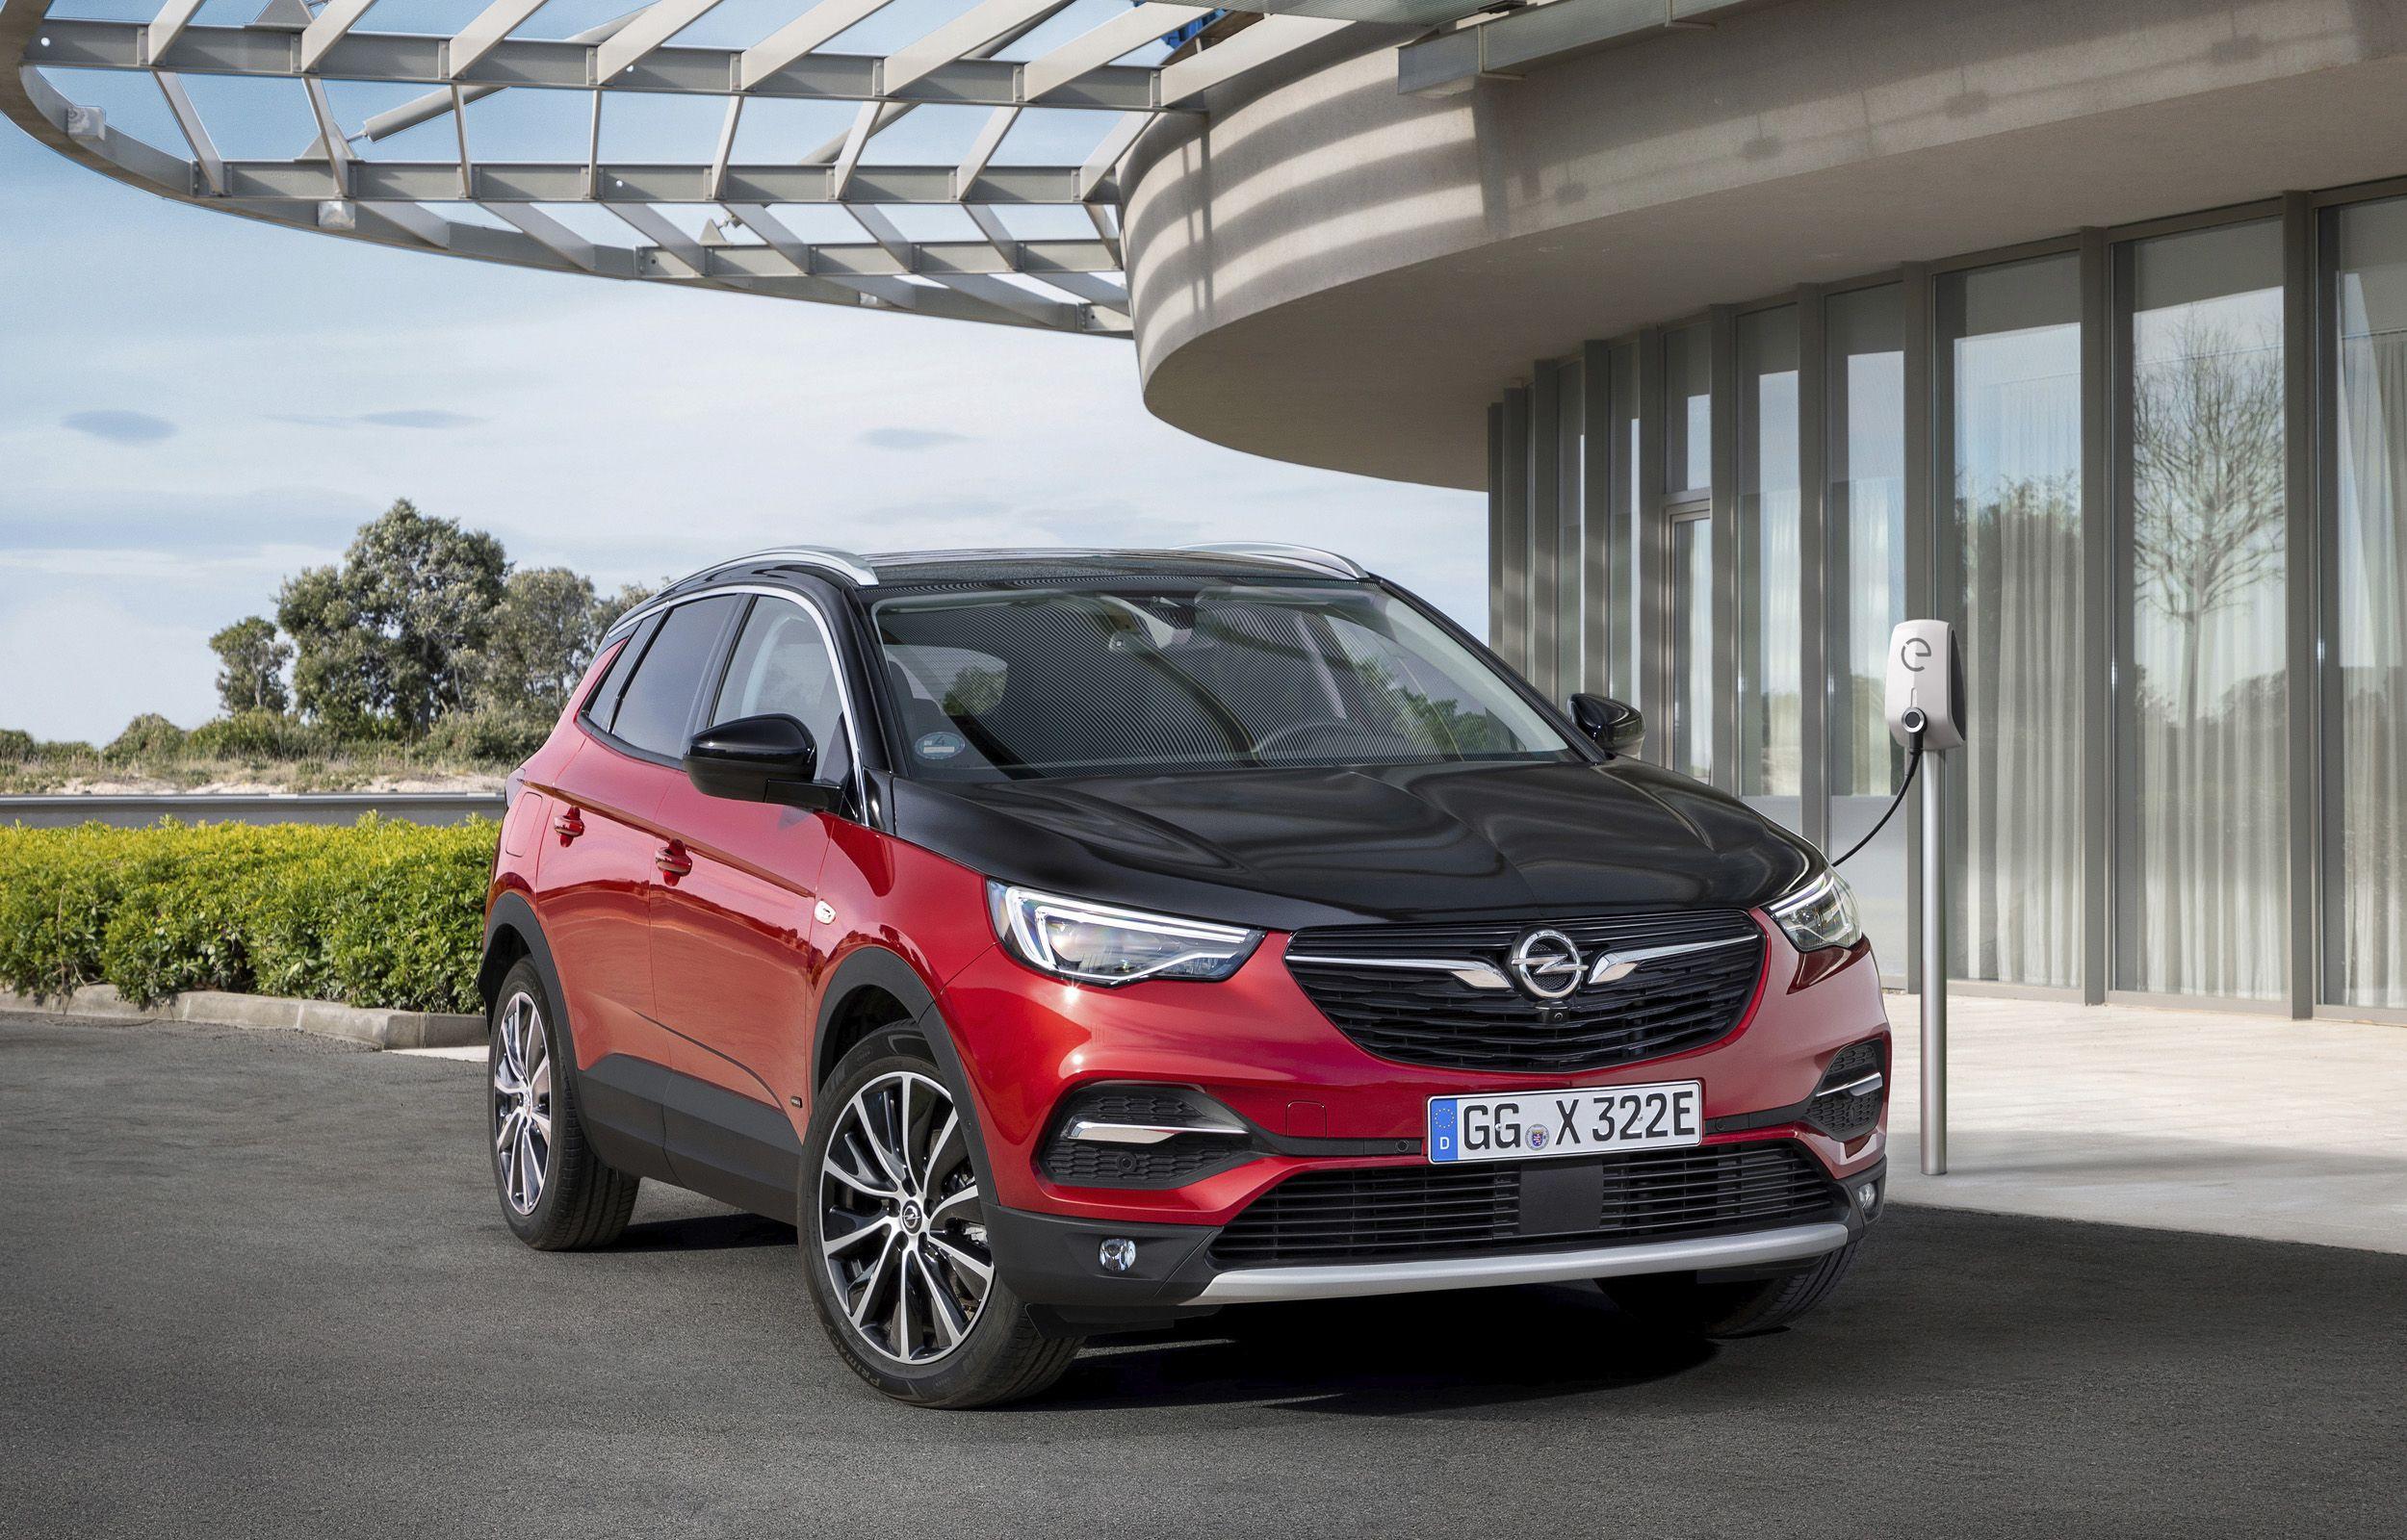 Recargado: Opel Grandland X híbrido enchufable con tracción a las 4 ruedas